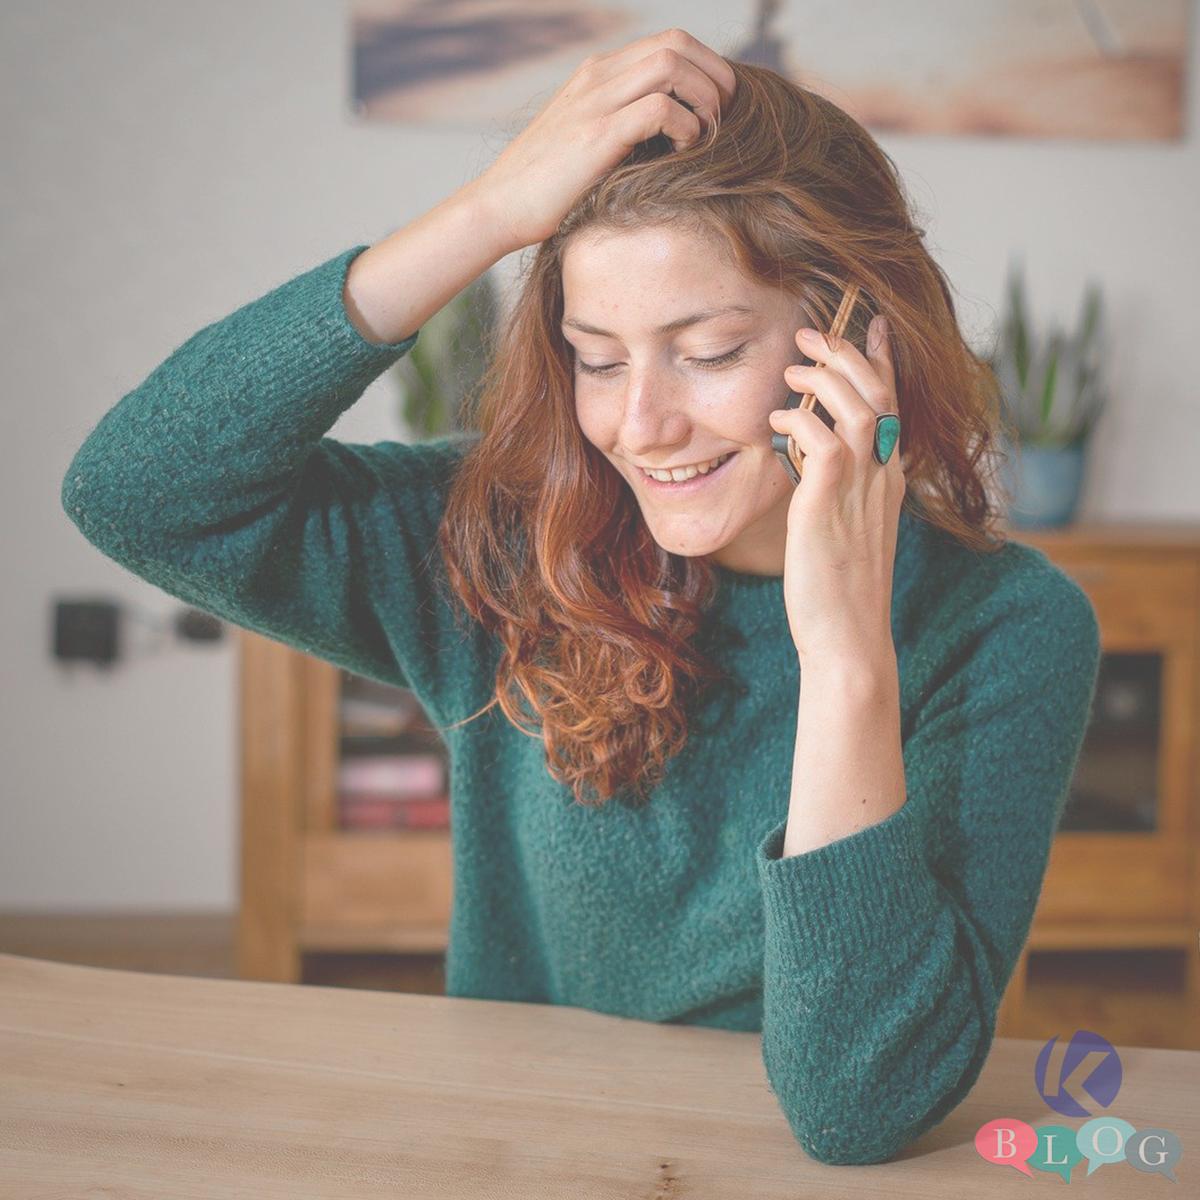 Telefonie-Verrenkungen im Homeoffice - 5 Tipps, wie es besser geht